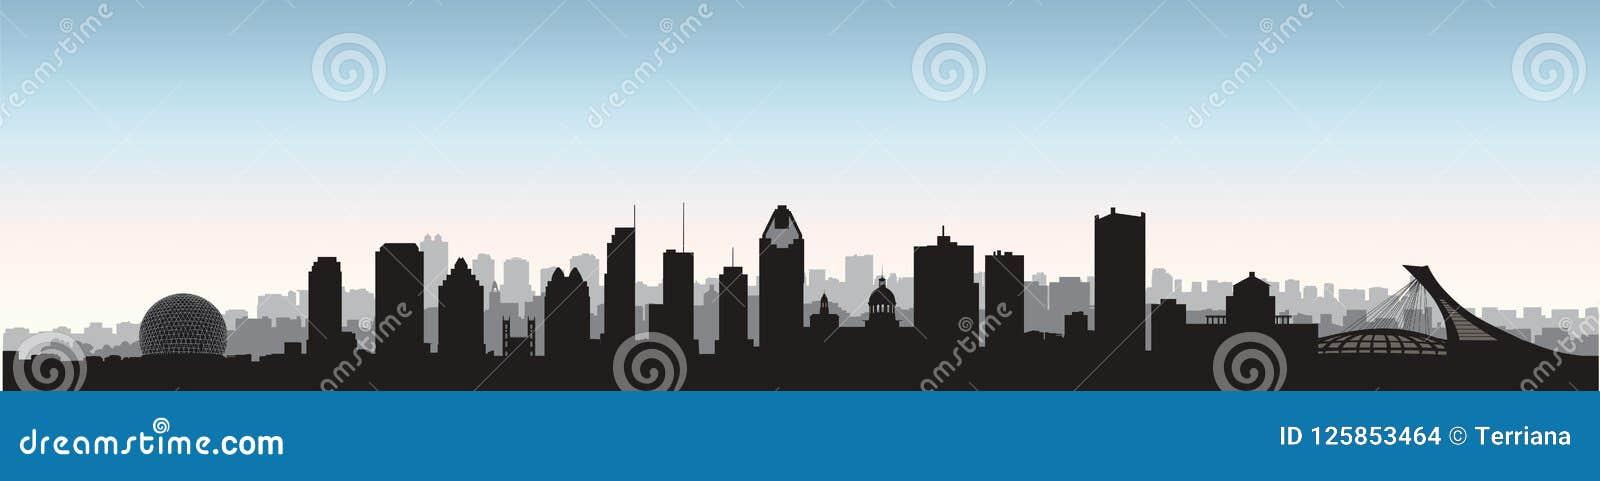 Город Монреаля, горизонт Канады Силуэт городского пейзажа панорамный с известными зданиями Канадские ориентир ориентиры